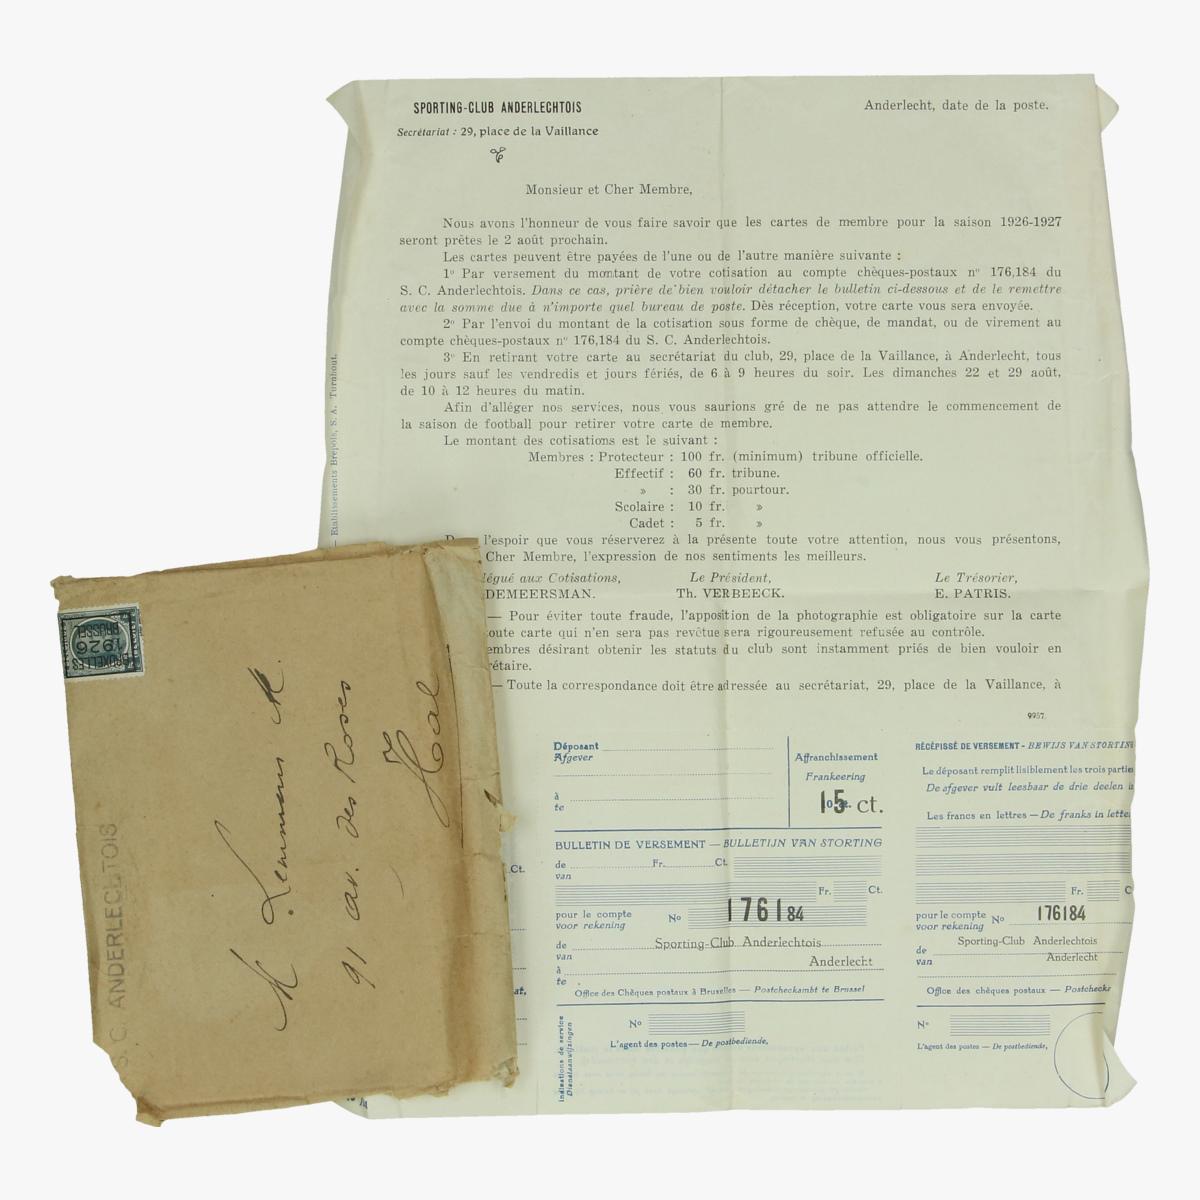 Afbeeldingen van sporting club anderlecht lidmaatschap overschrijving en betalingsbewijs 1926/27